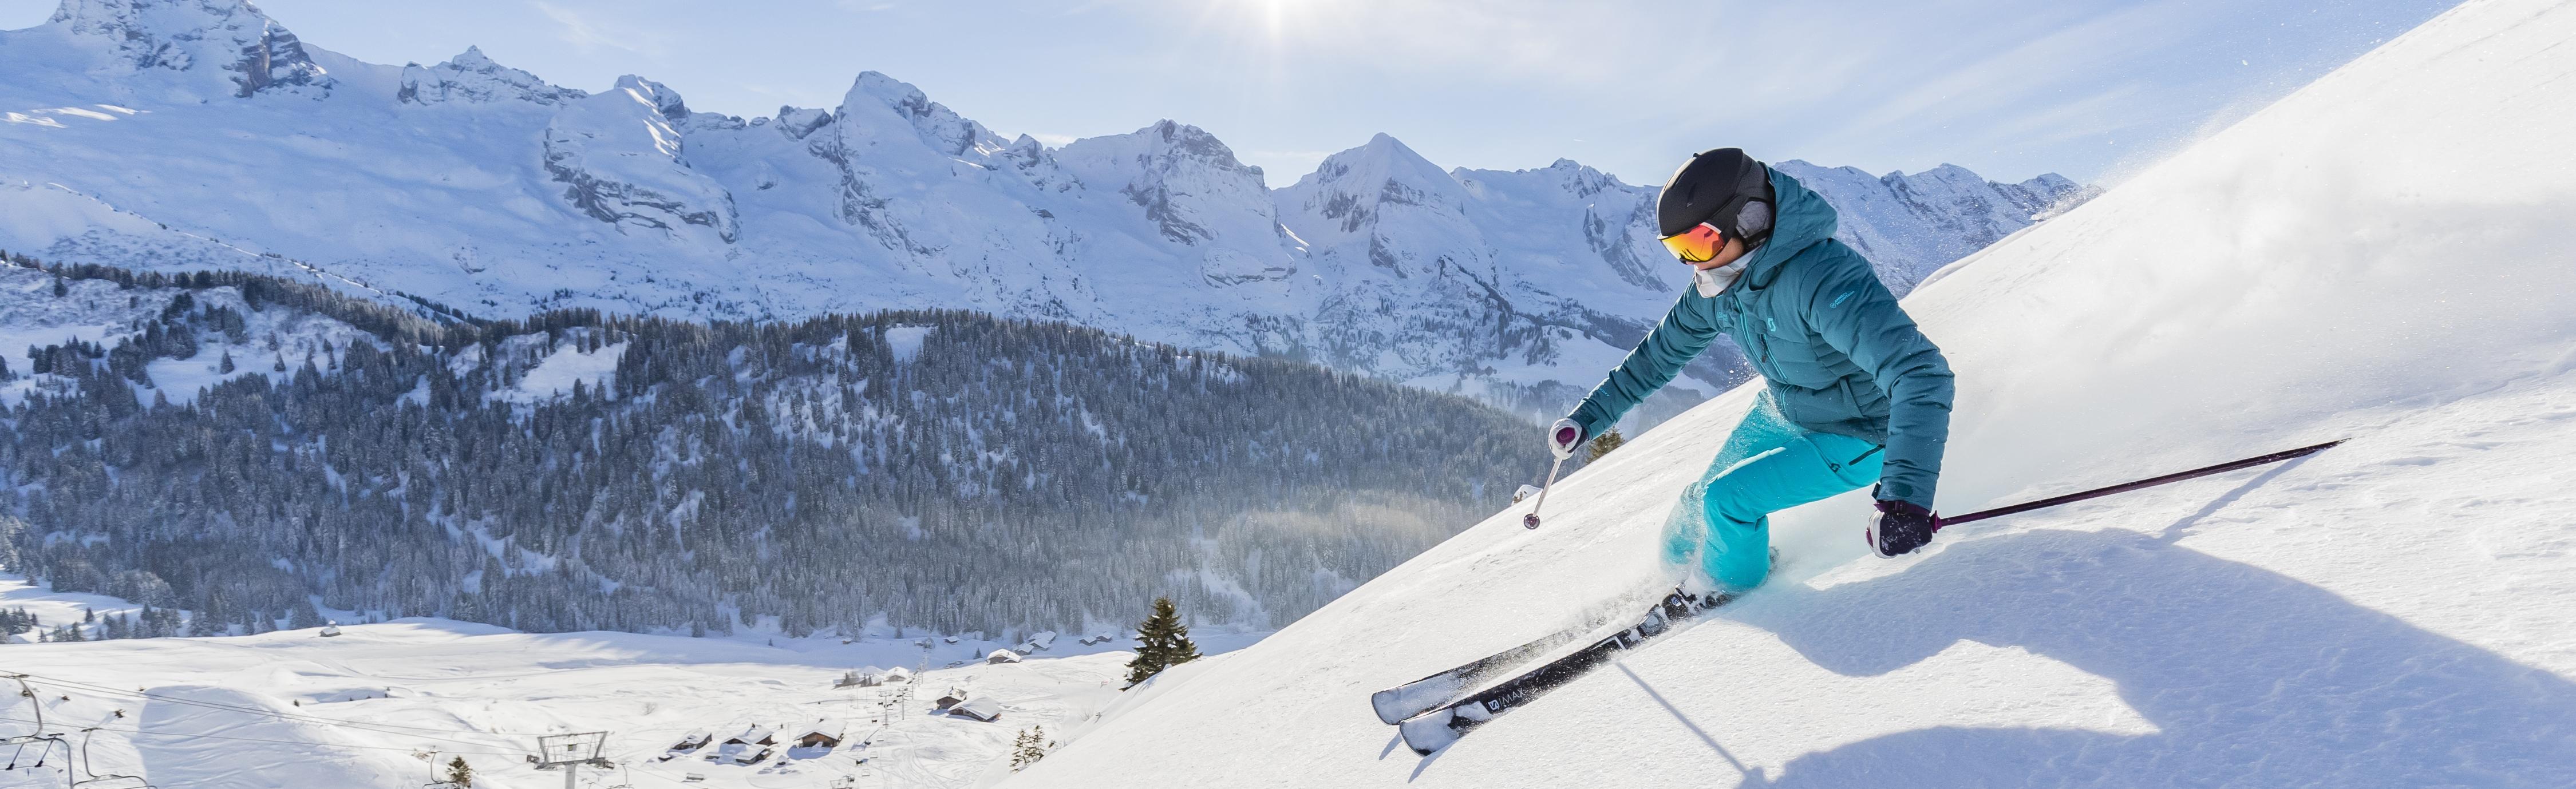 ski-h2019-ot-le-grand-bornand-alpcat-medias-34i7442-185532